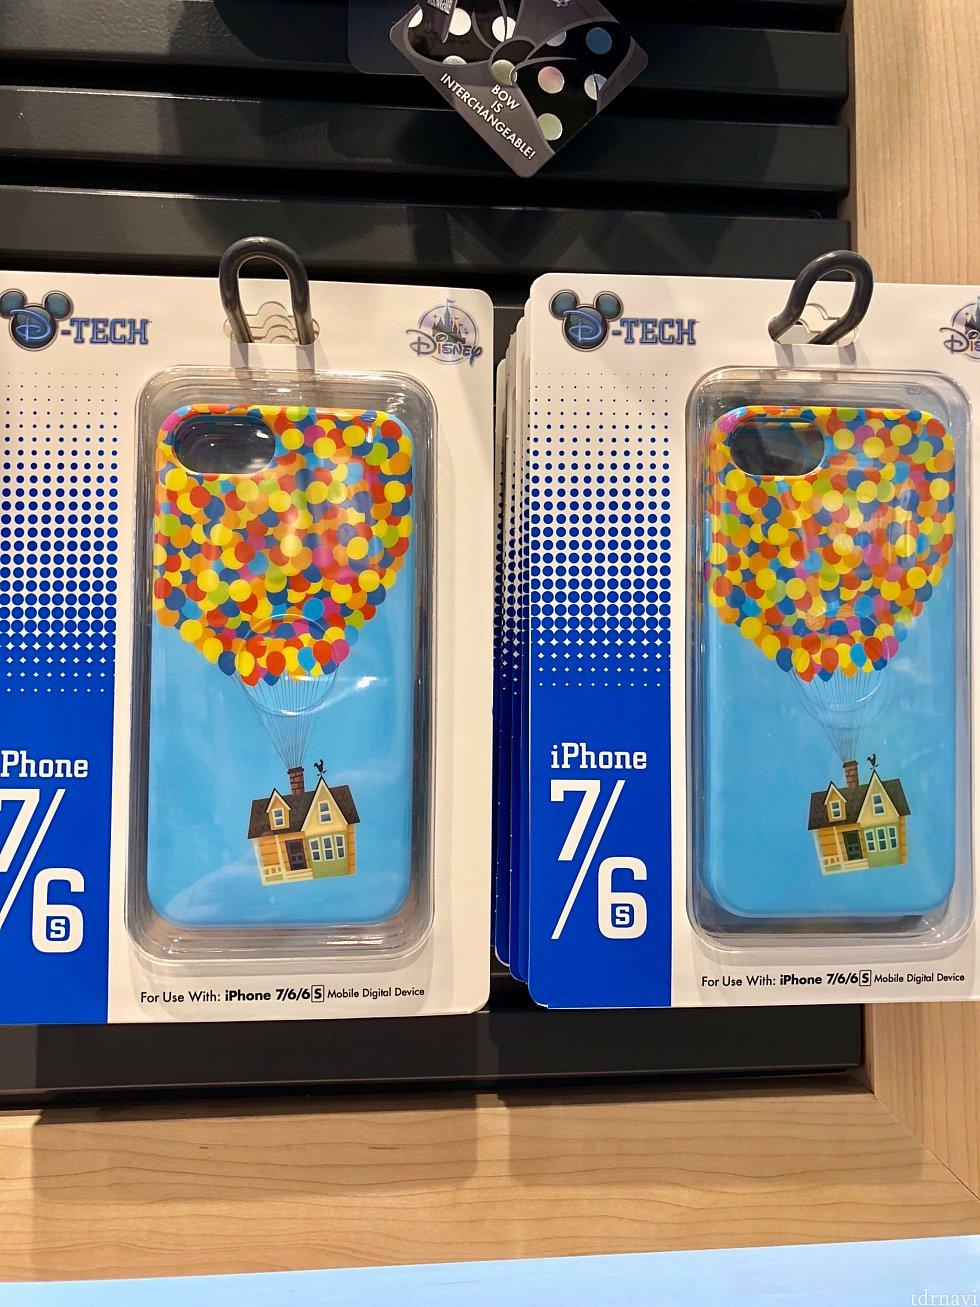 iPhone用のケースもカラフルで良いですね!お値段は$24.99。